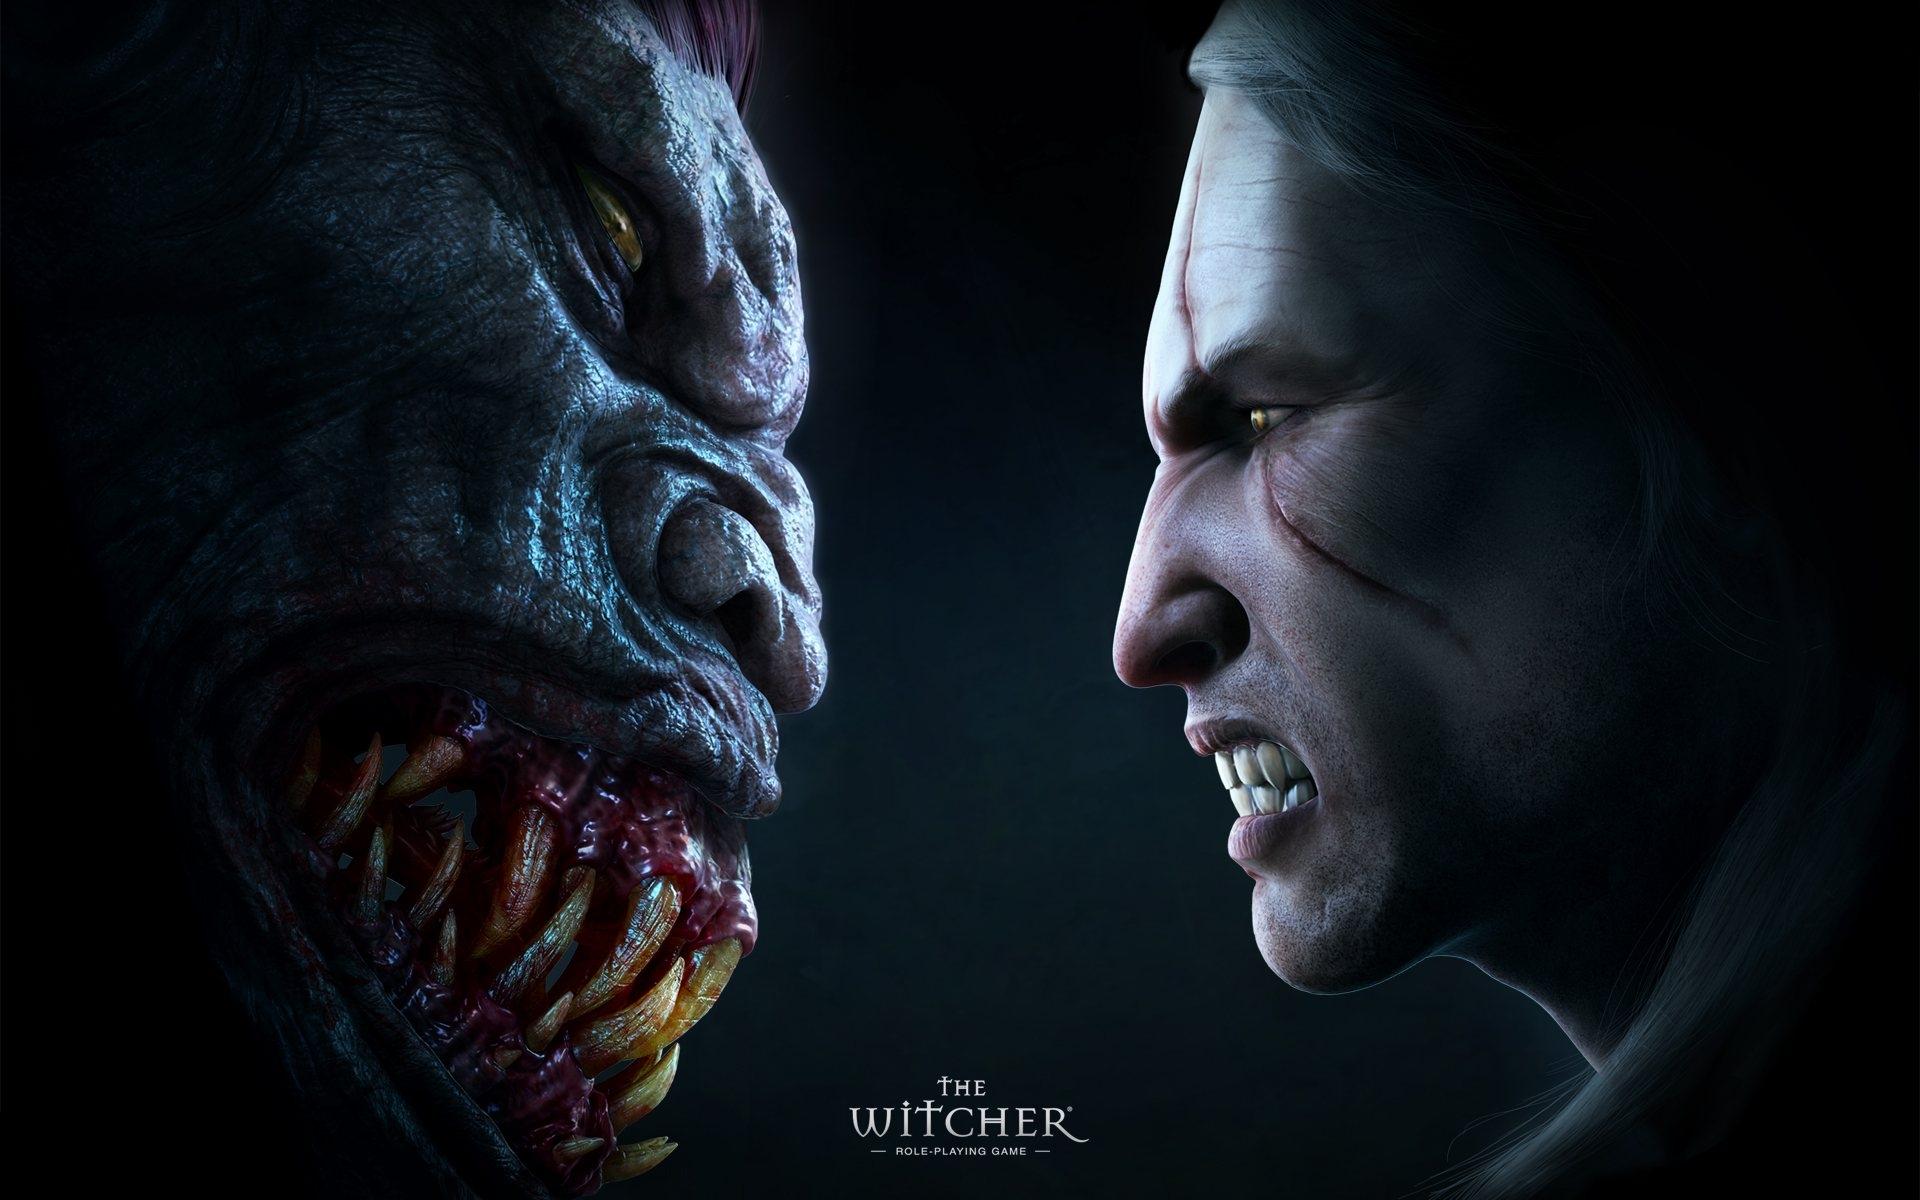 Картинки Ведьмак, лица, монстр, зубы фото и обои на рабочий стол